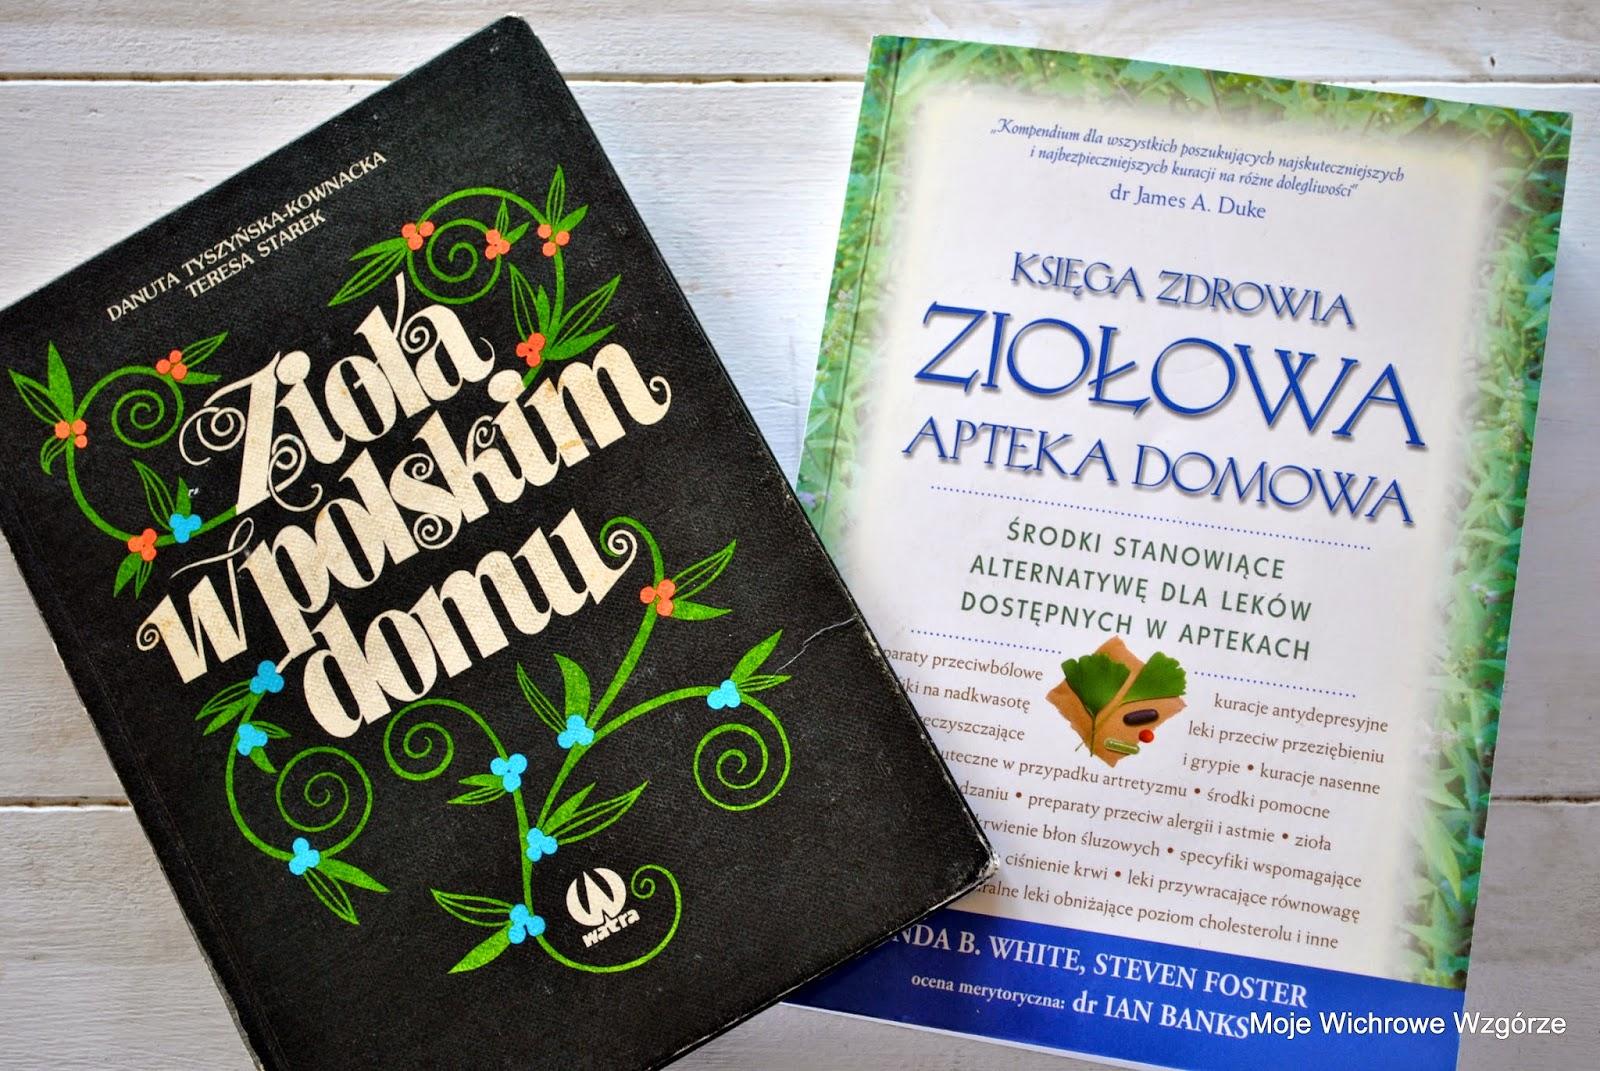 Pierwszą książkę odziedziczyłam po babci. Zawiera fajne informacje o tym jak dawniej traktowano rośliny w wierzeniach ludowych. Świetnie się czyta. Drugą kupiłam kilka lat temu. Stanowi kompendium wiedzy o ziołach i lekach syntetycznych.